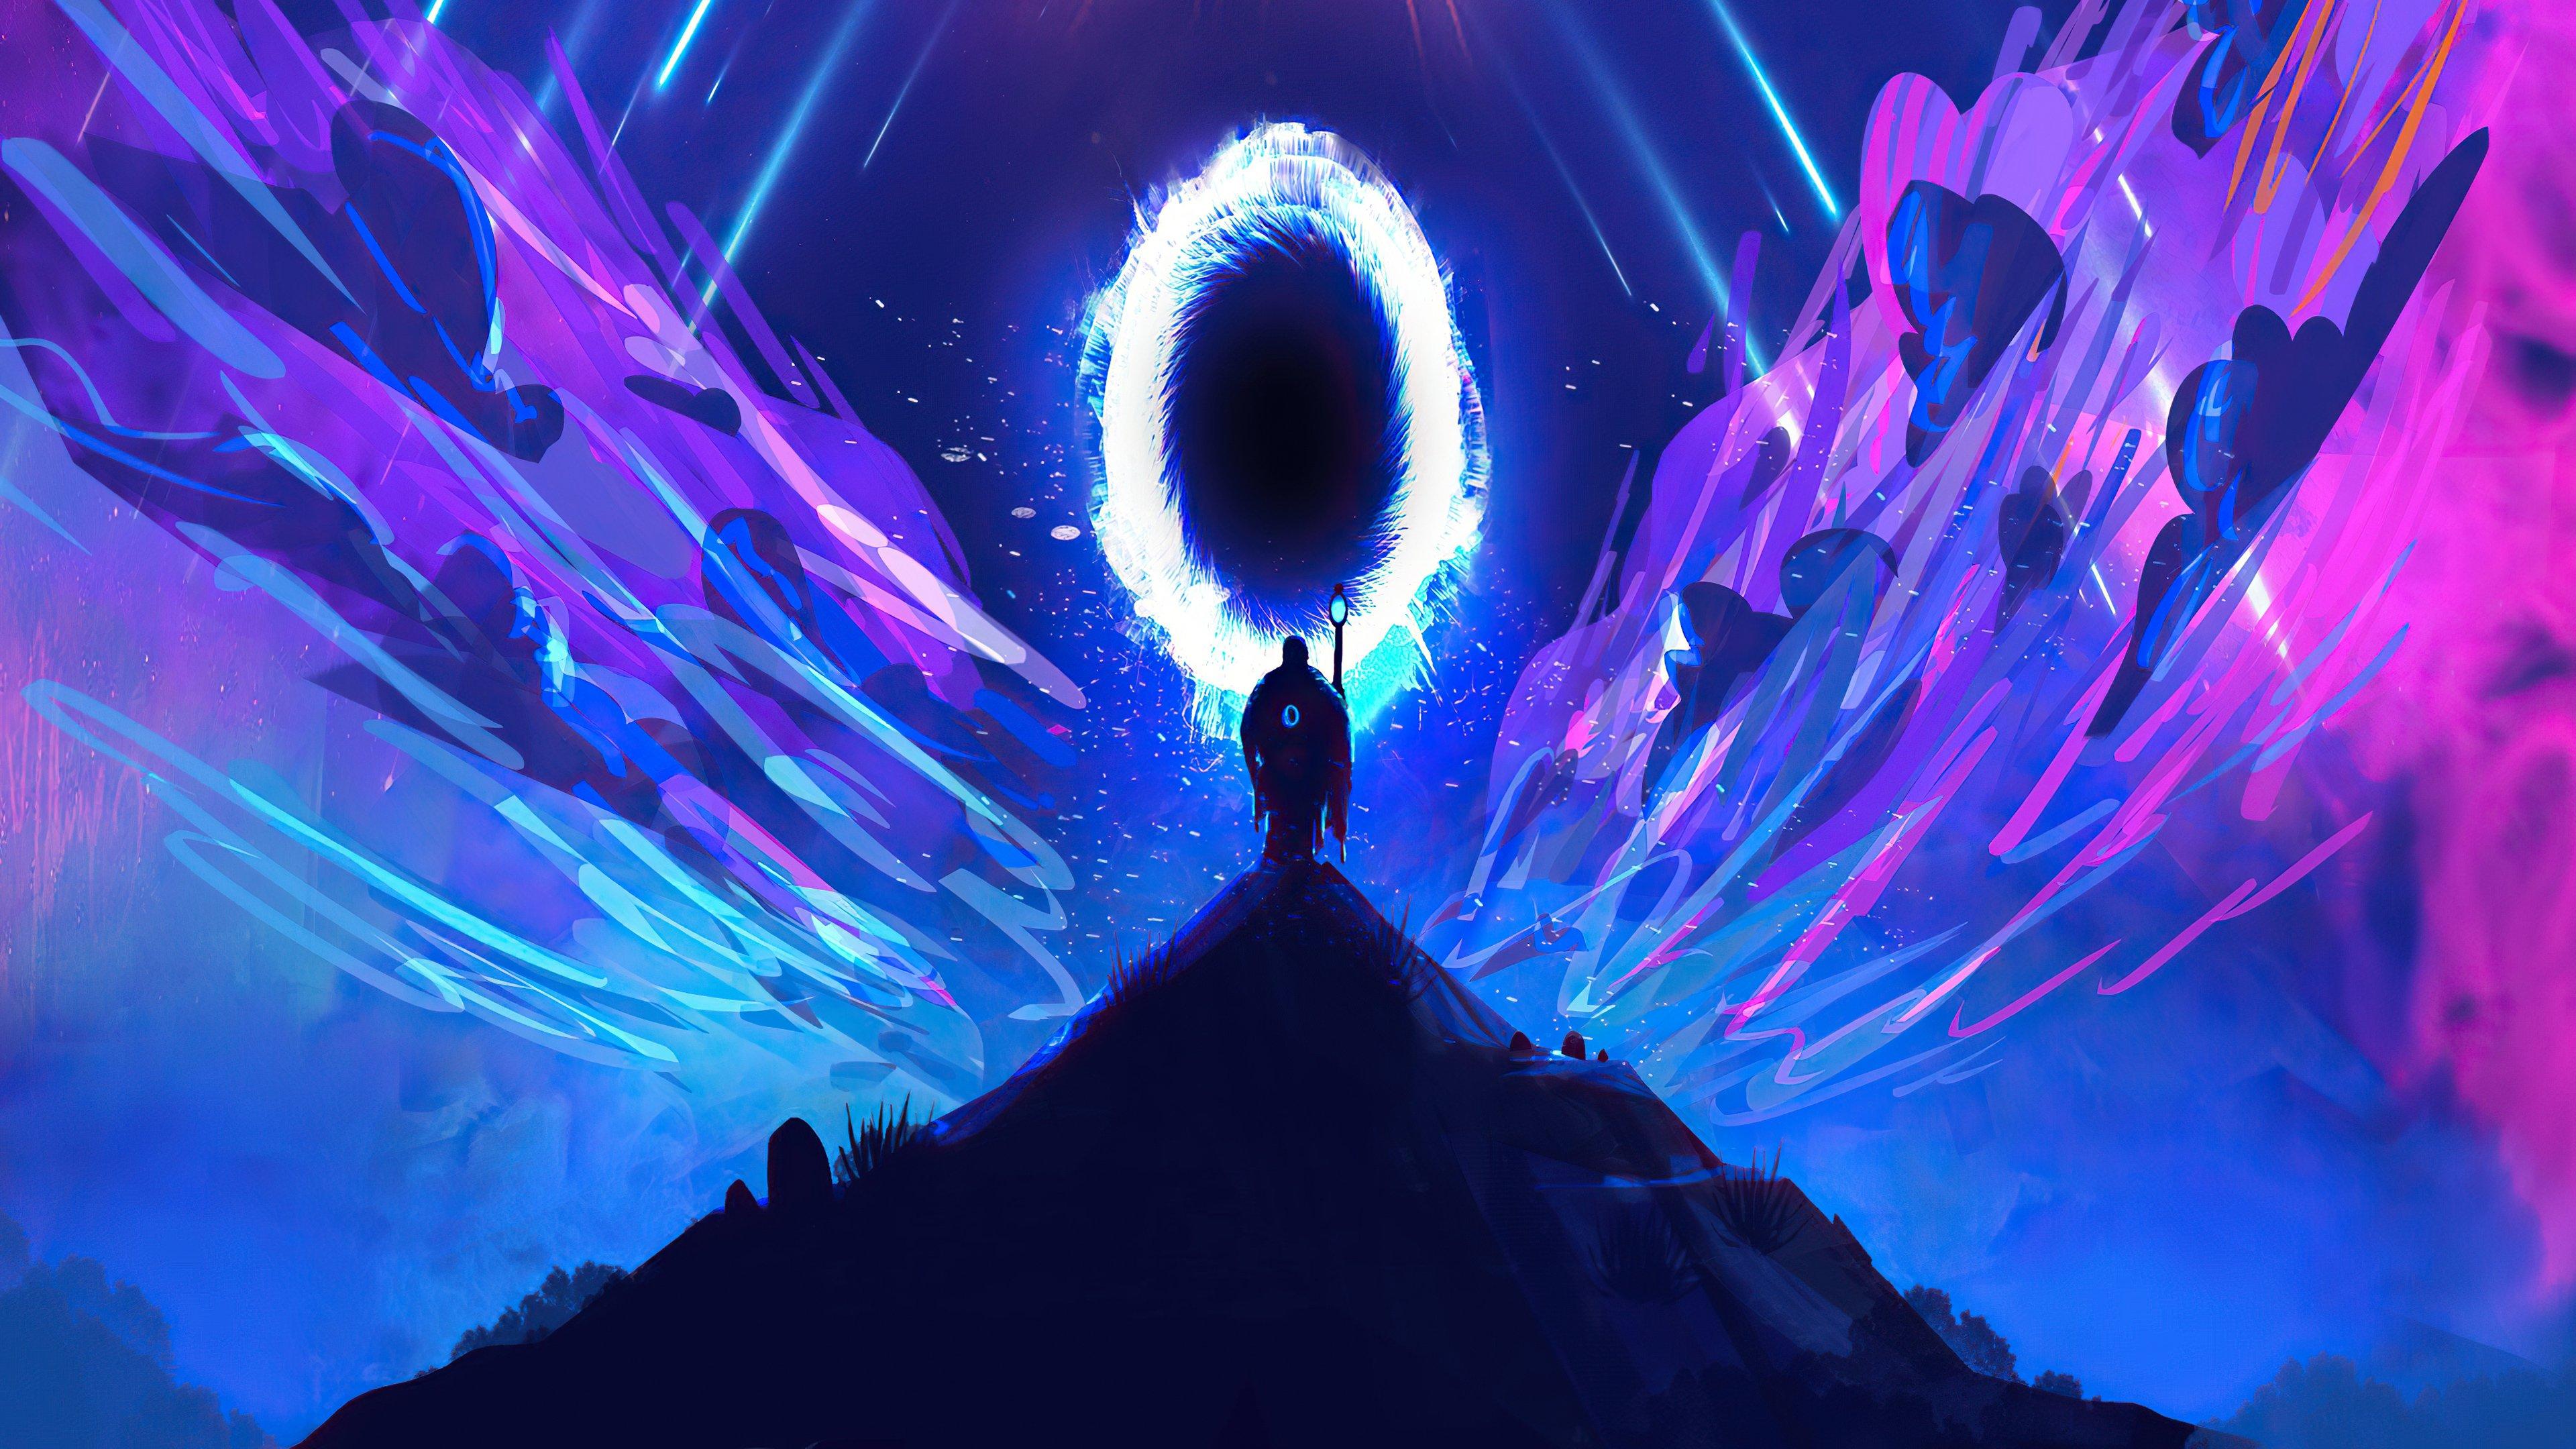 Fondos de pantalla Hombre caminando hacia un portal Ilustración